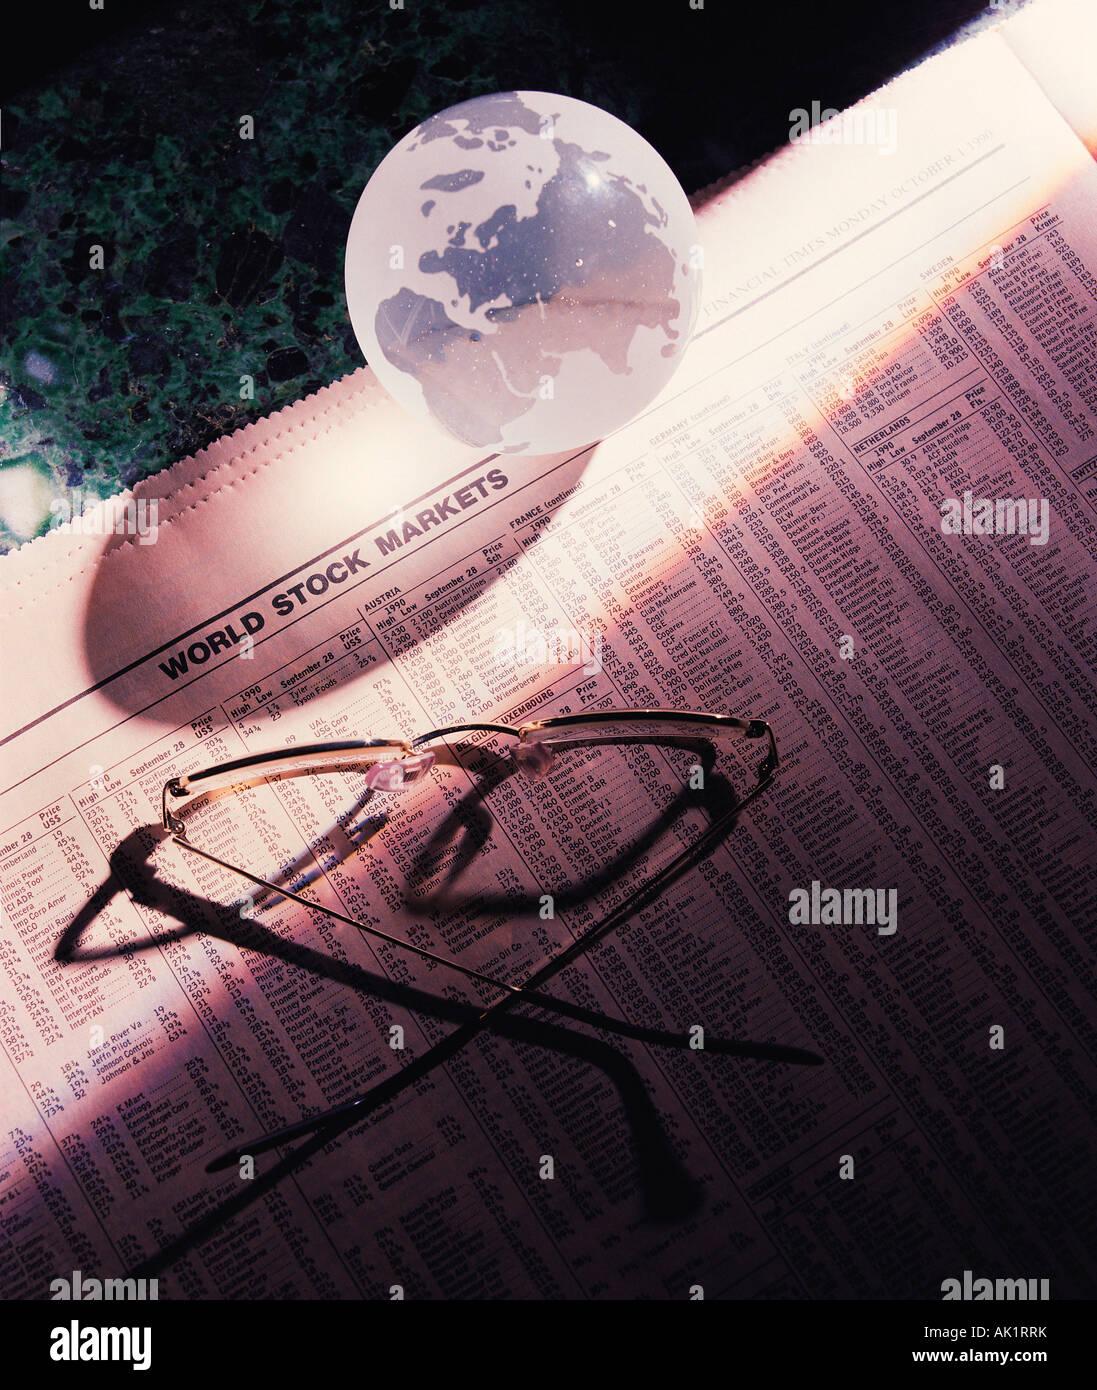 Still life concepto empresarial. Gafas y globo de cristal. Imagen De Stock